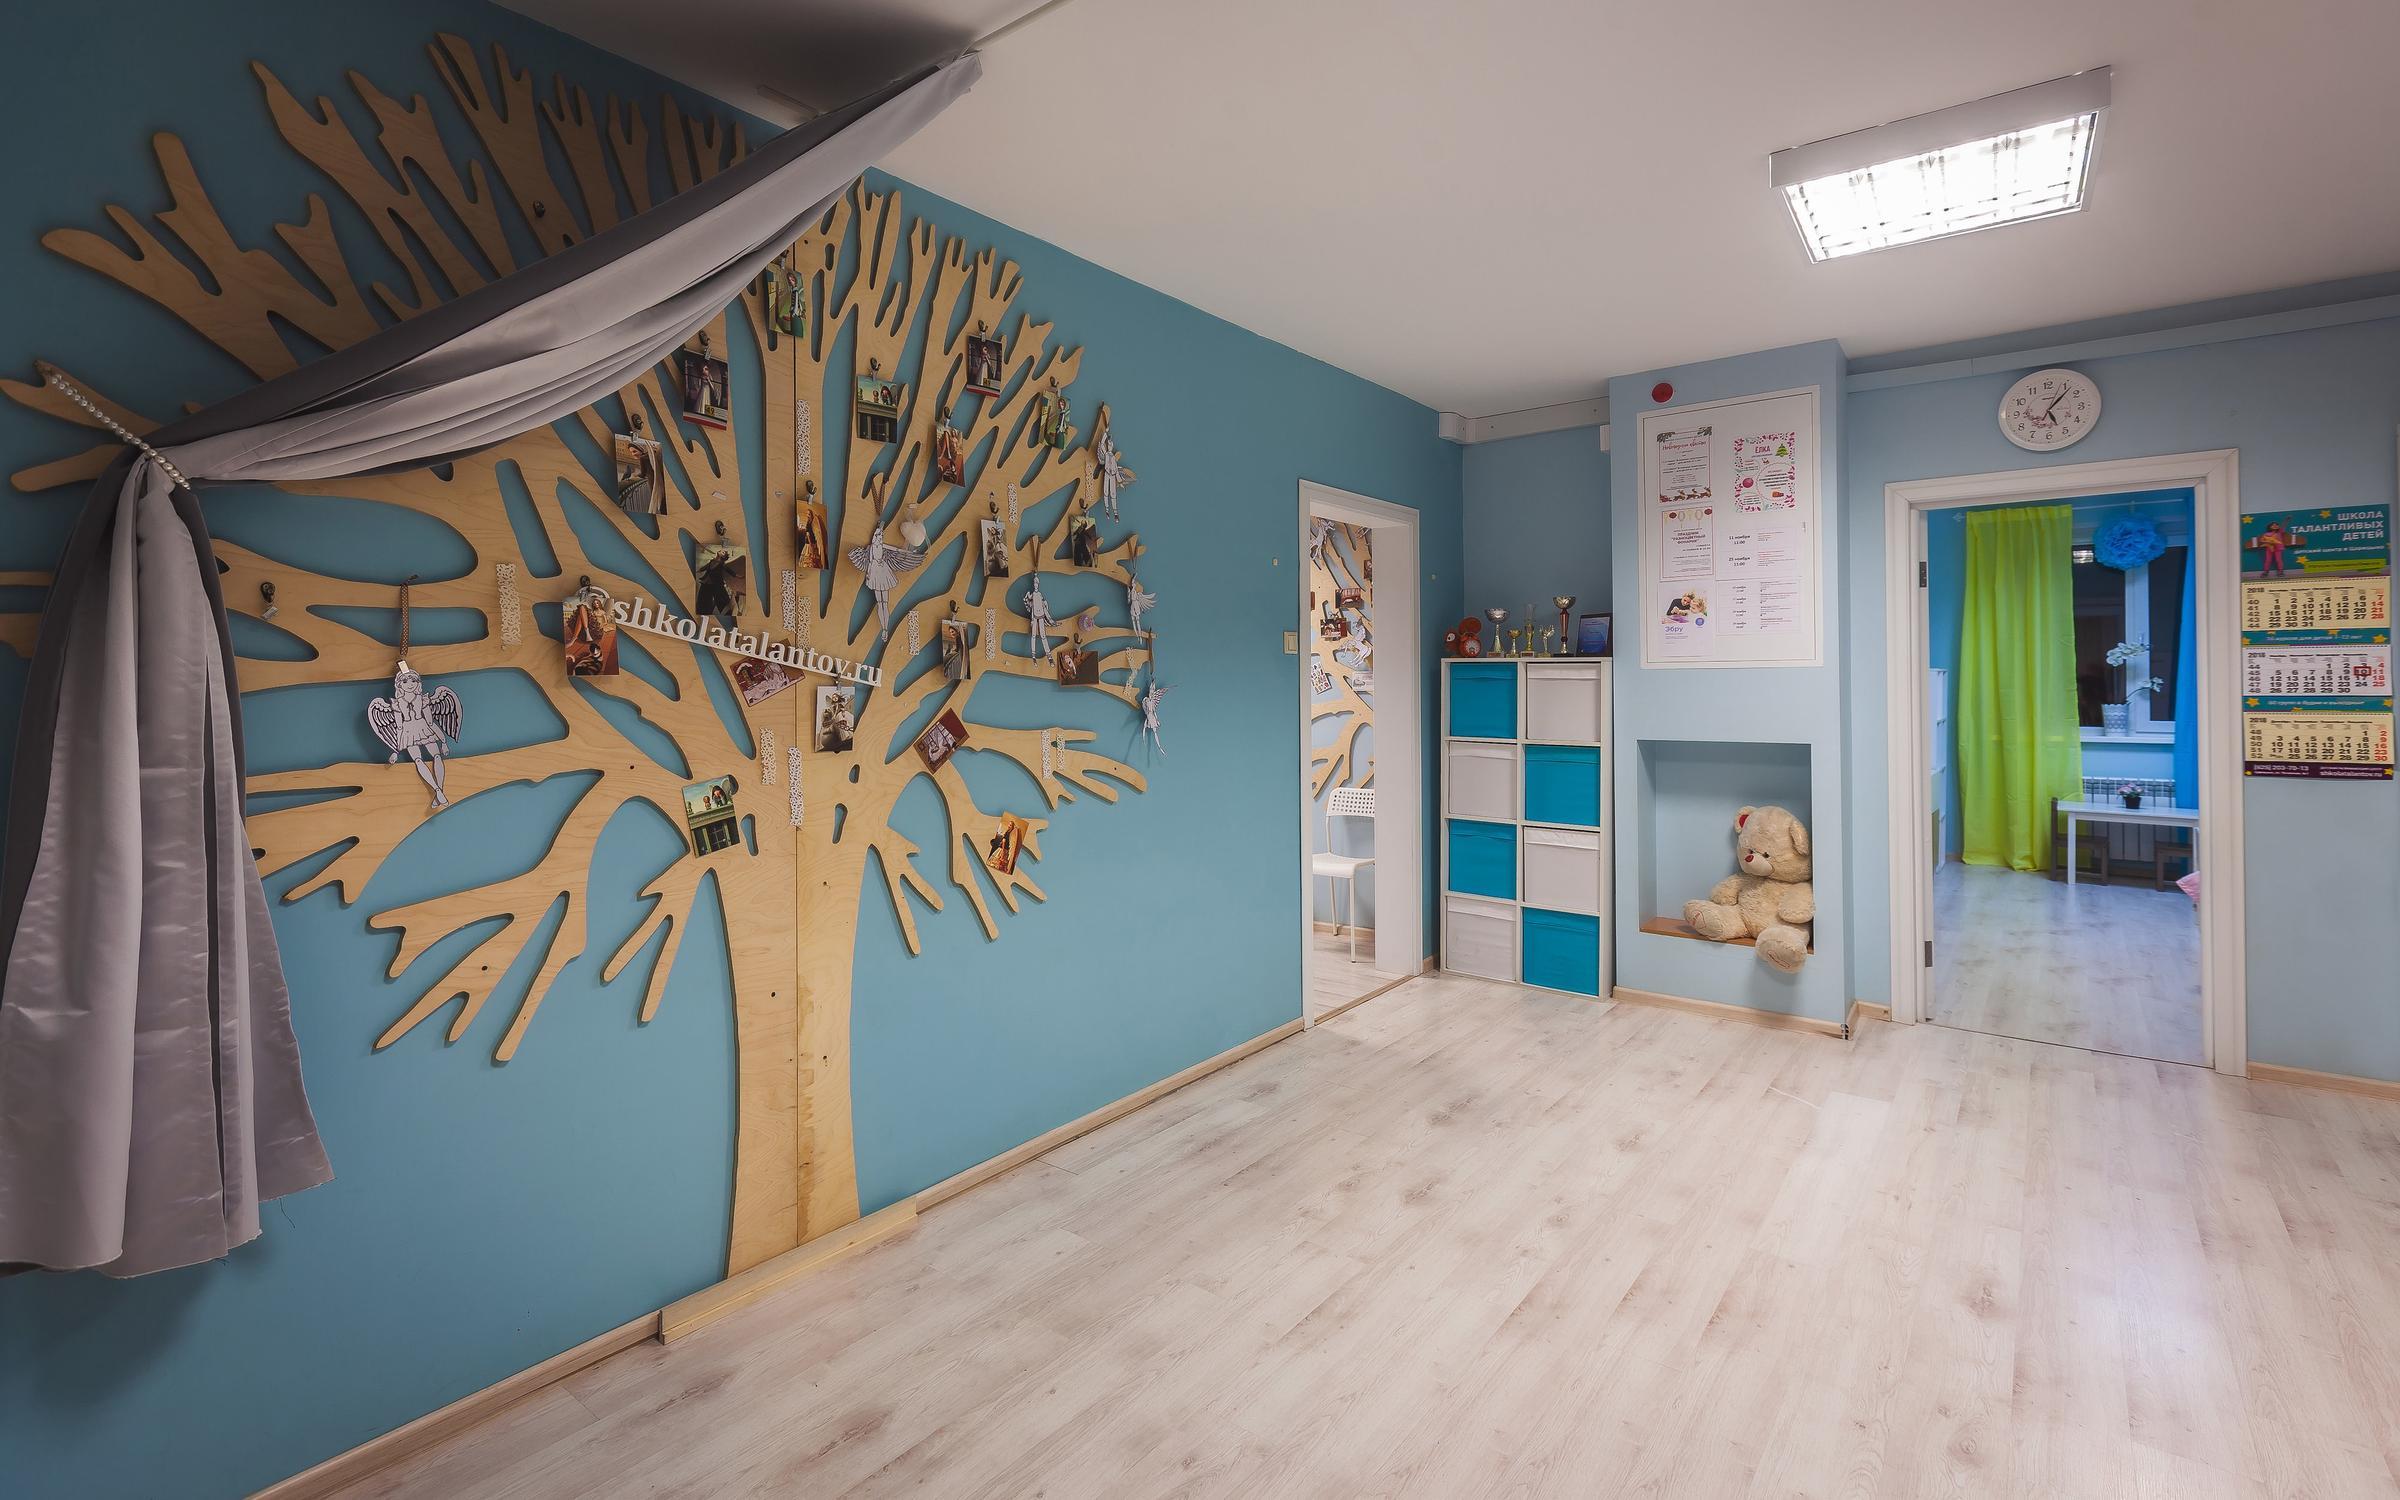 фотография Детского центра Школа Талантливых детей в Царицыно